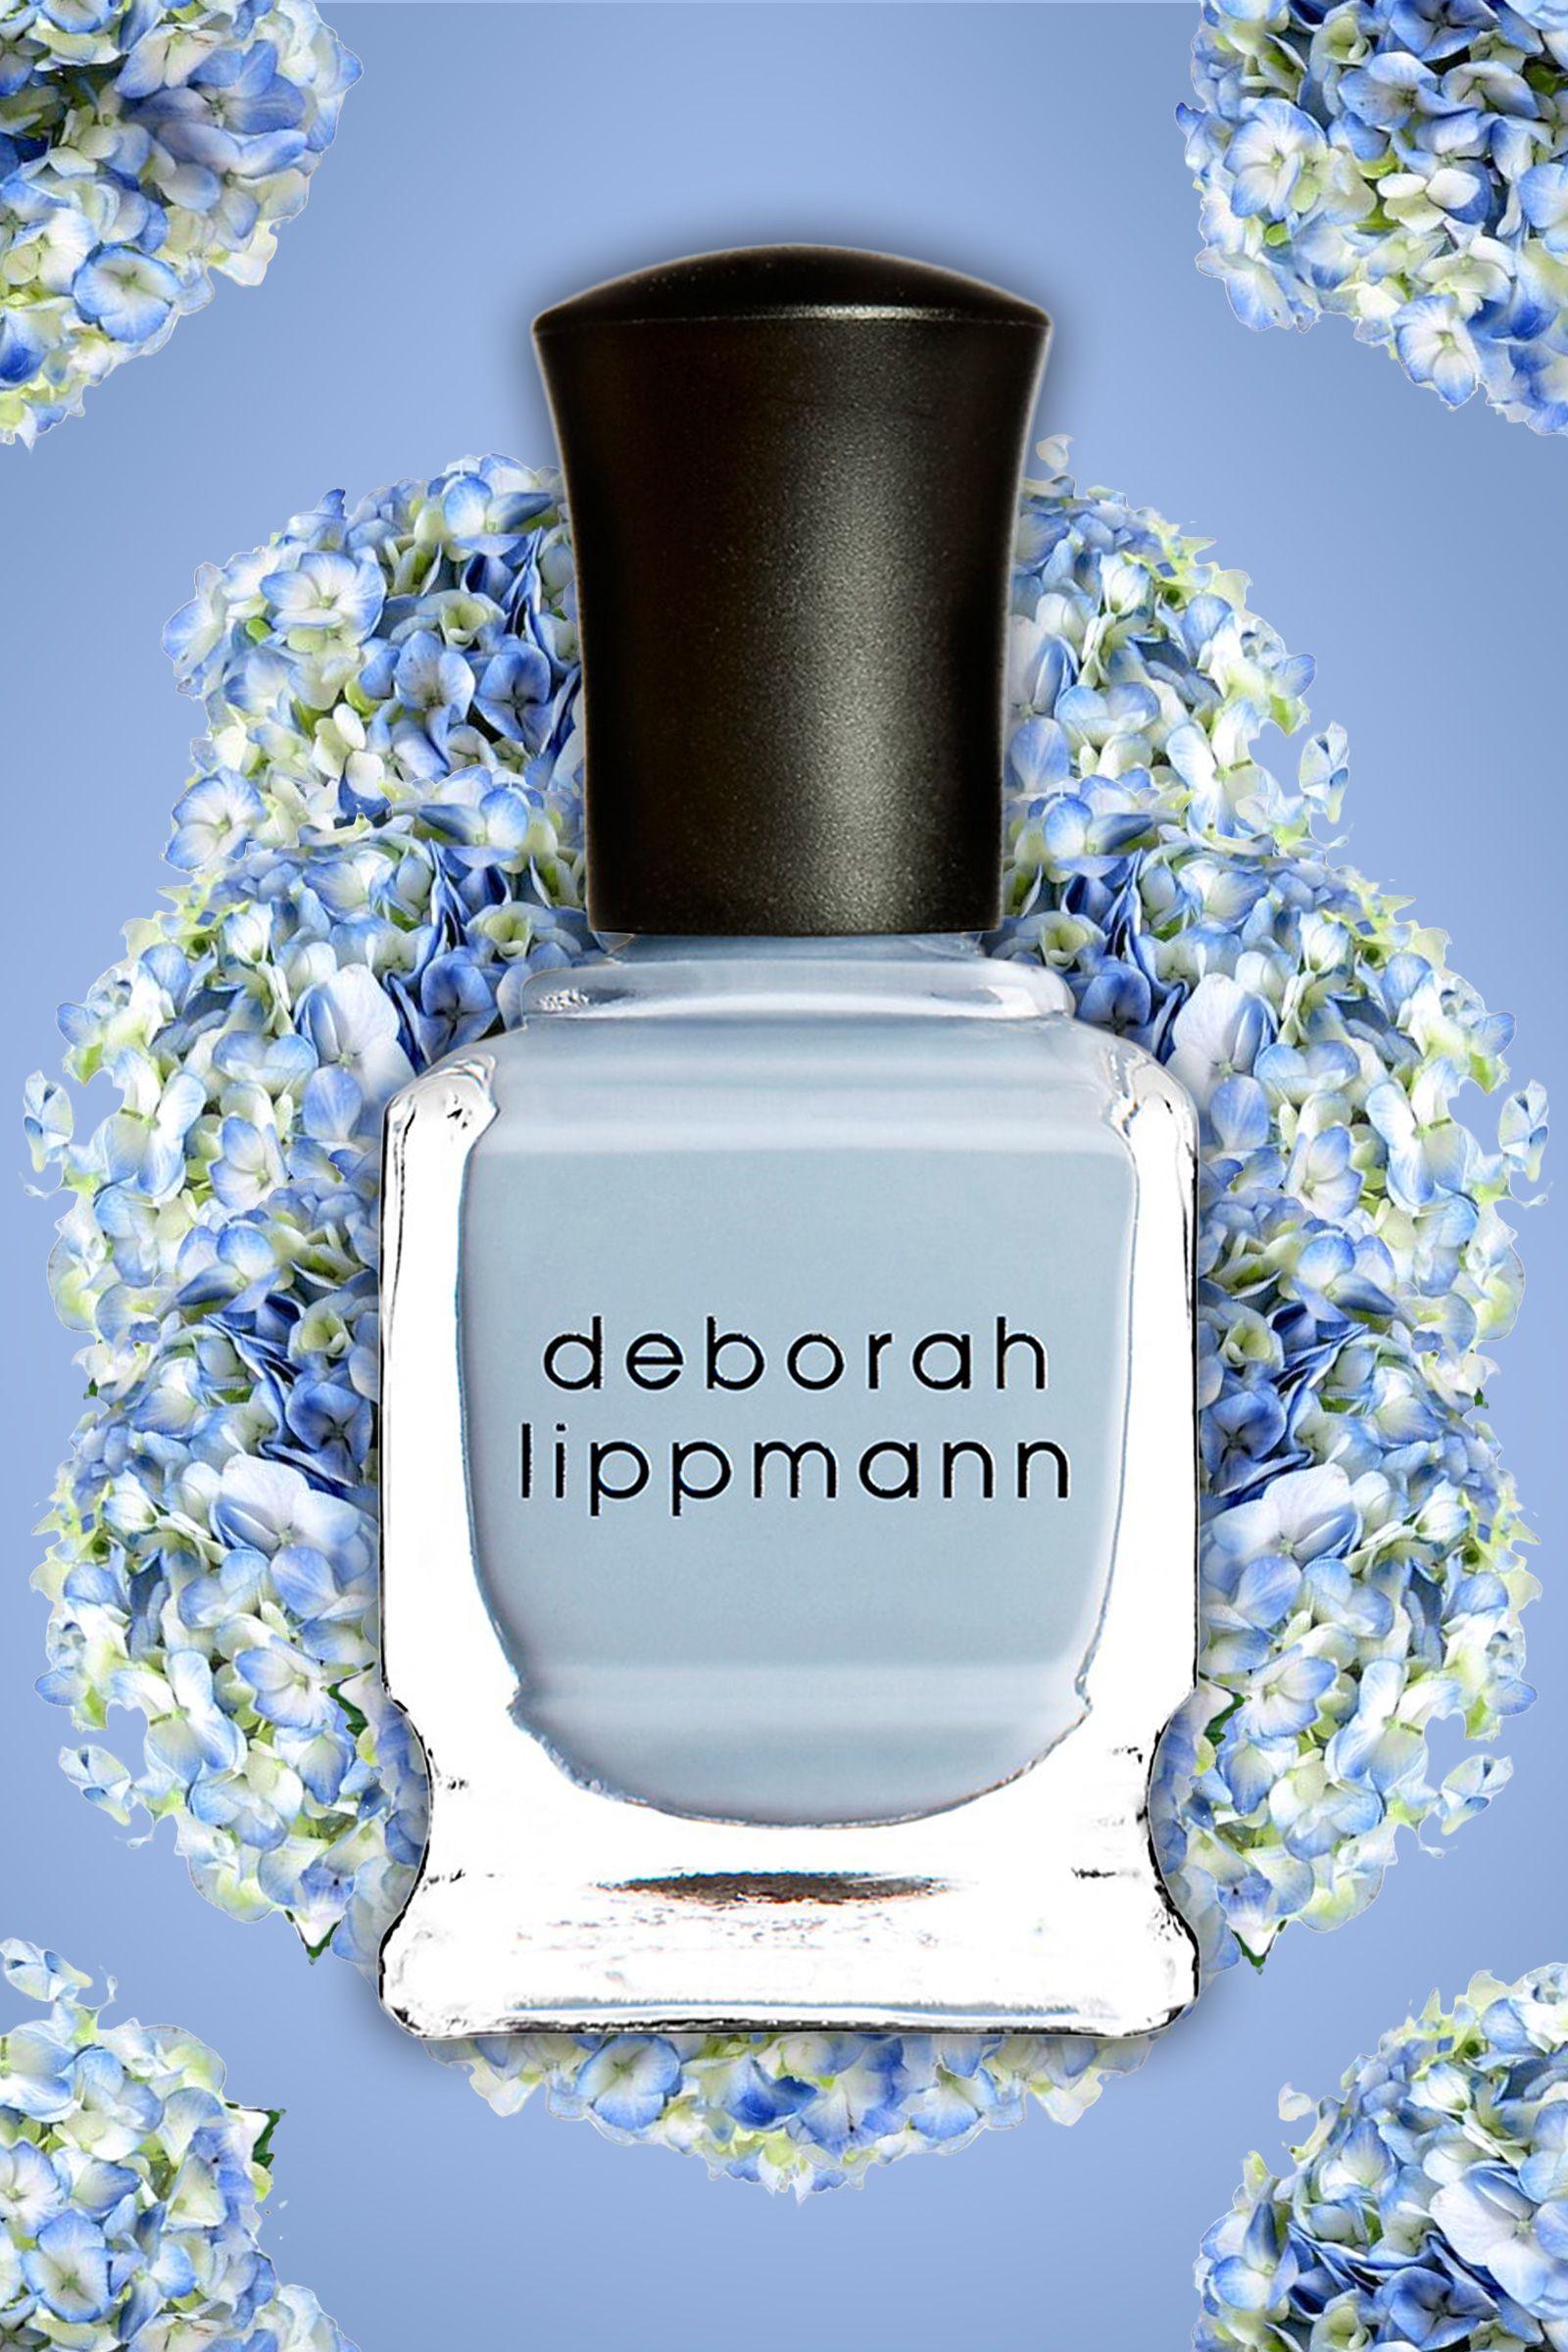 <p>Uno smalto cremoso blu (o anche del colore pastello che preferite) è versatile e perfetto per la primavera. Gli smalti pastello opalescenti sono il nuovo neutro dal momento che possono abbinarsi in mille modi. </p>